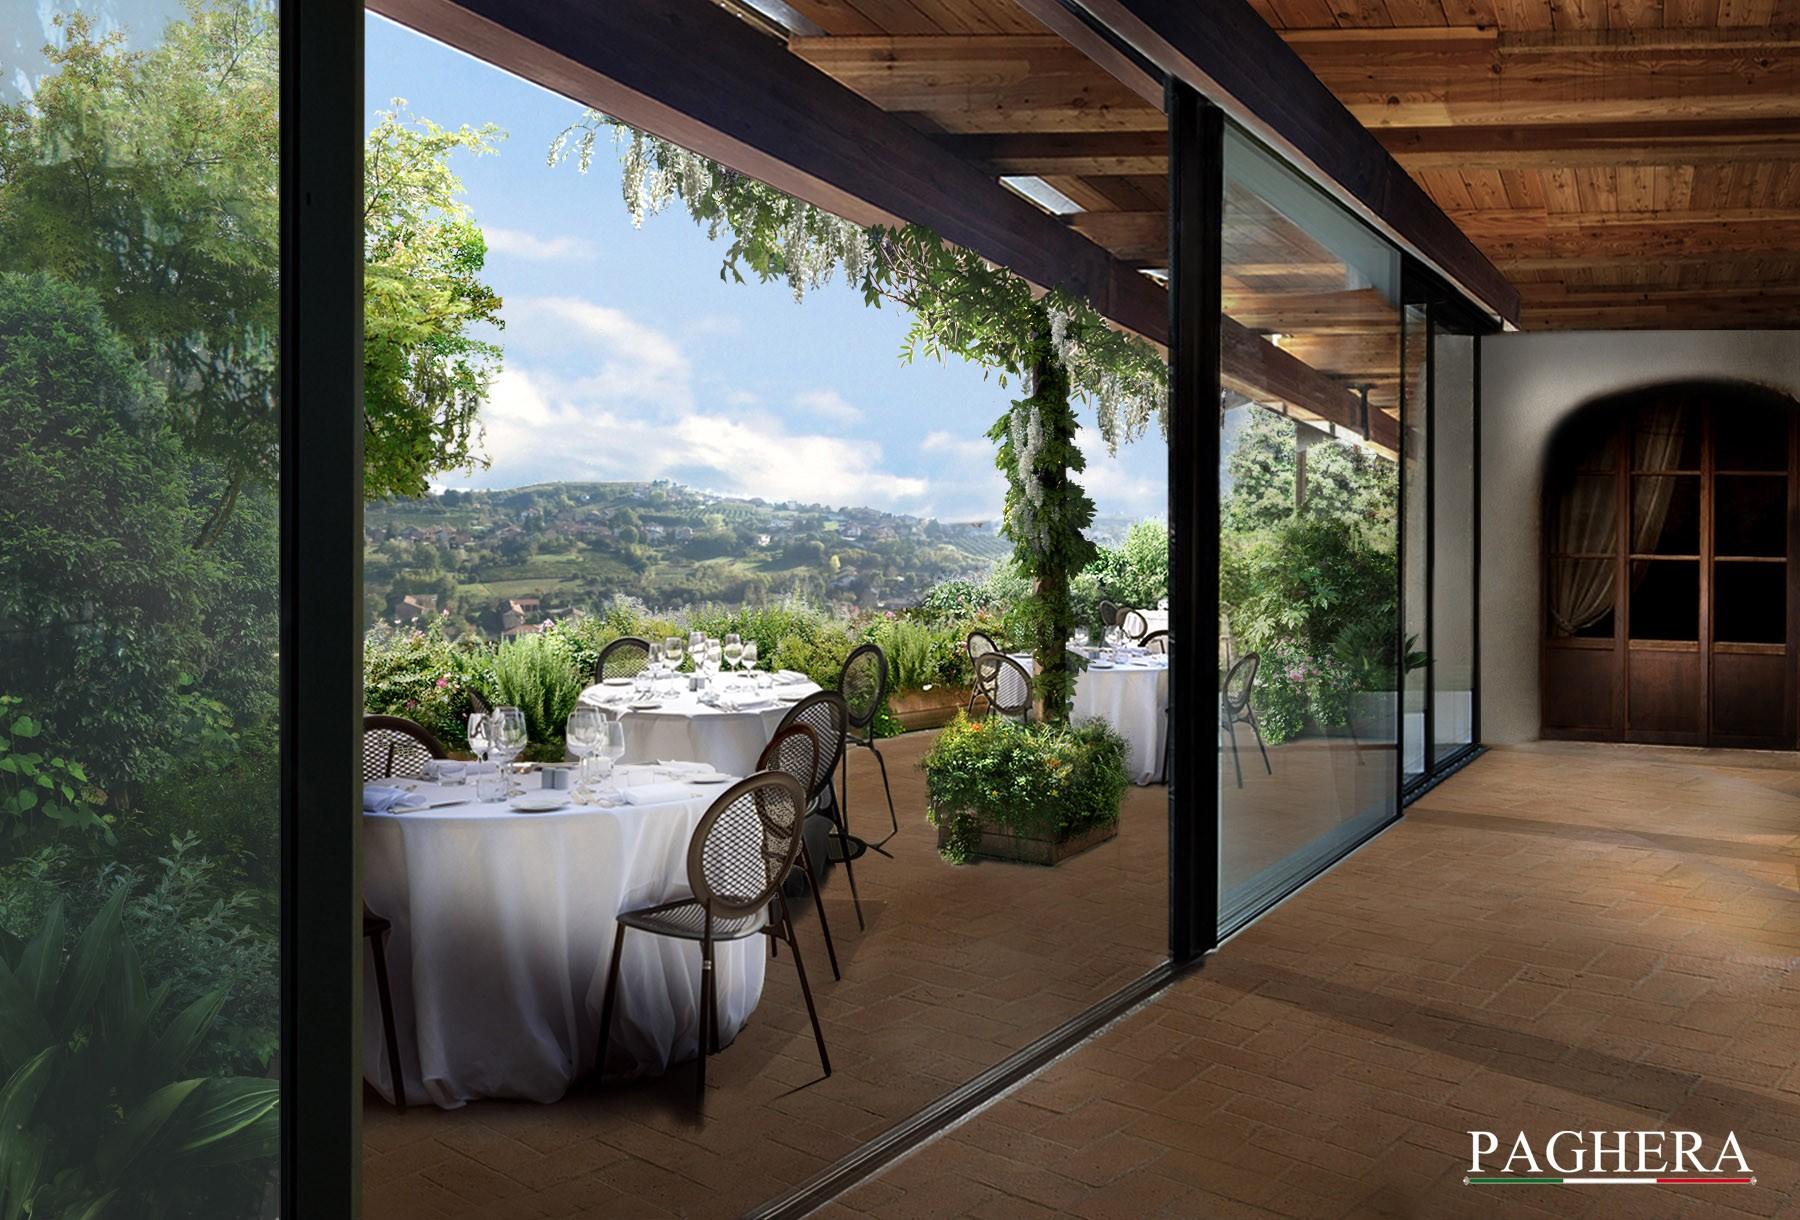 Small dining room - Hotels Resort & Spa